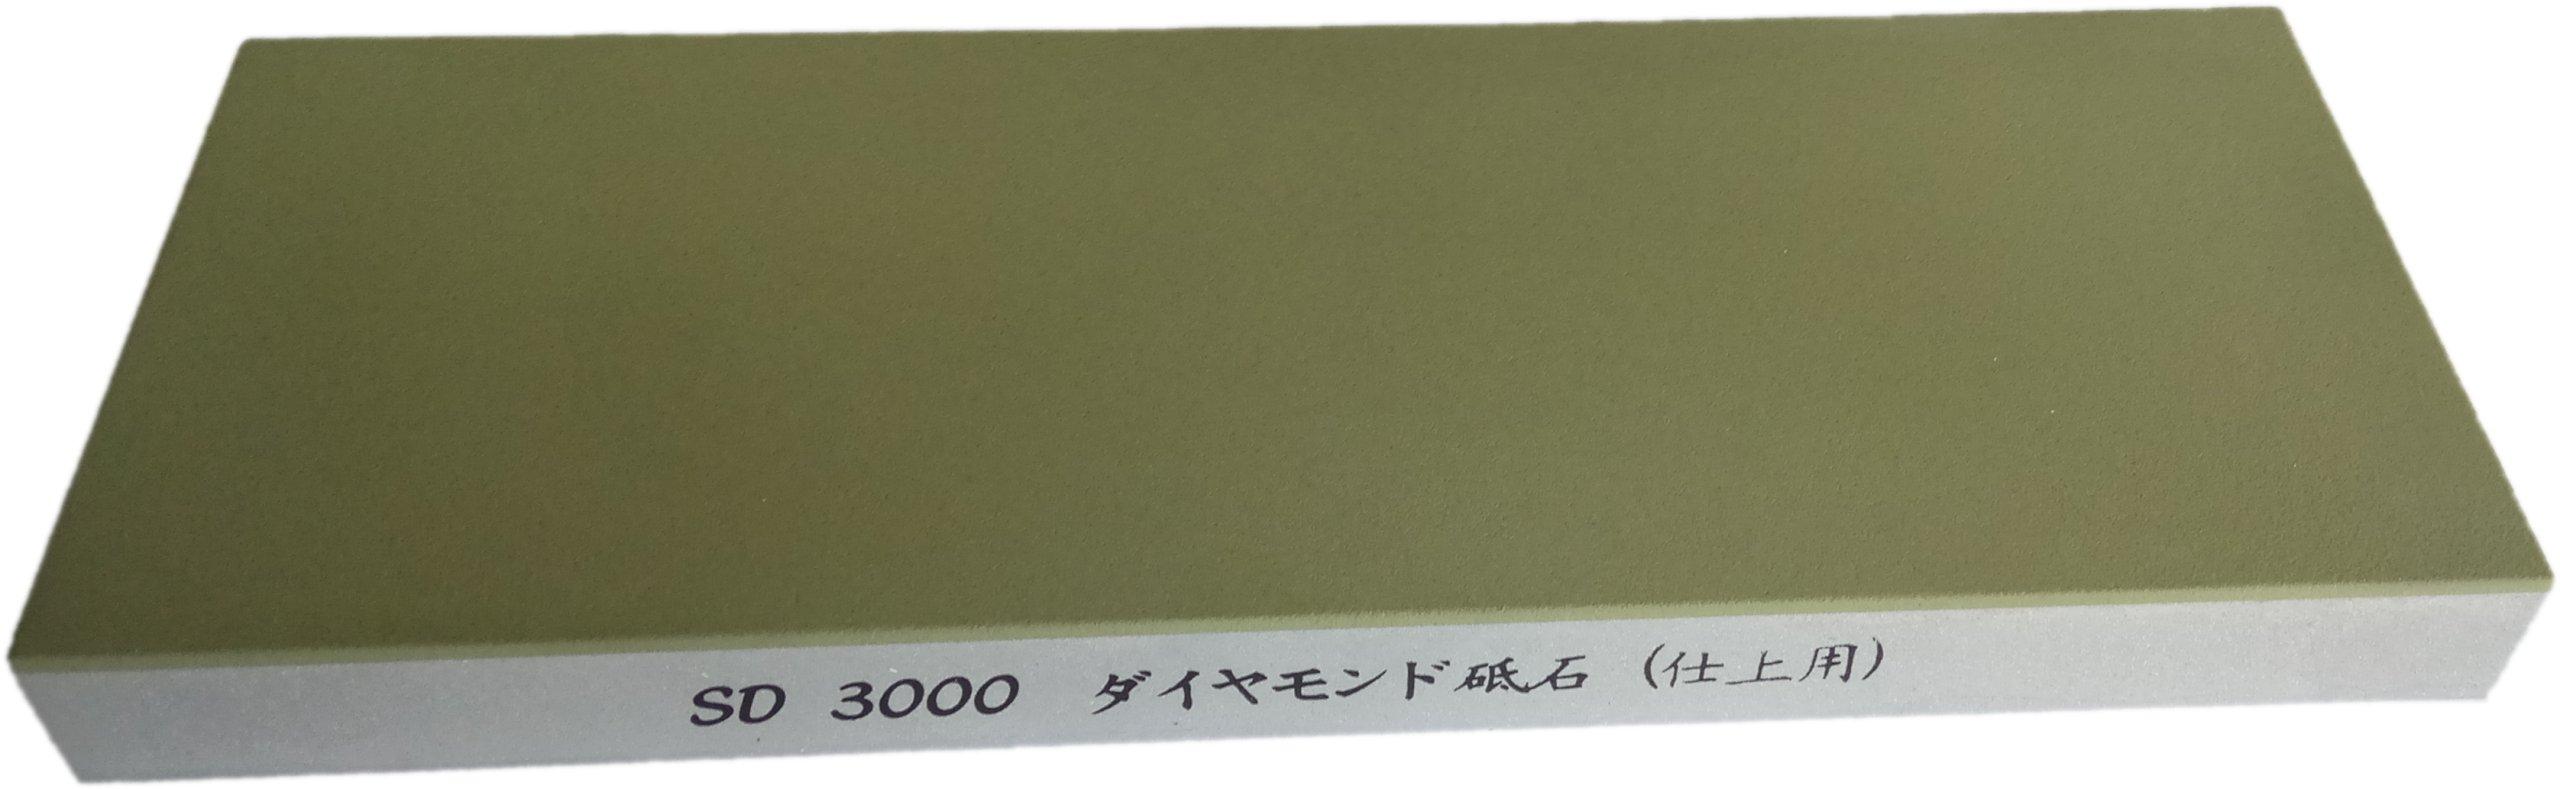 Osełka 3000 Zrnitosti Diamond DMD 200 x 75 mm